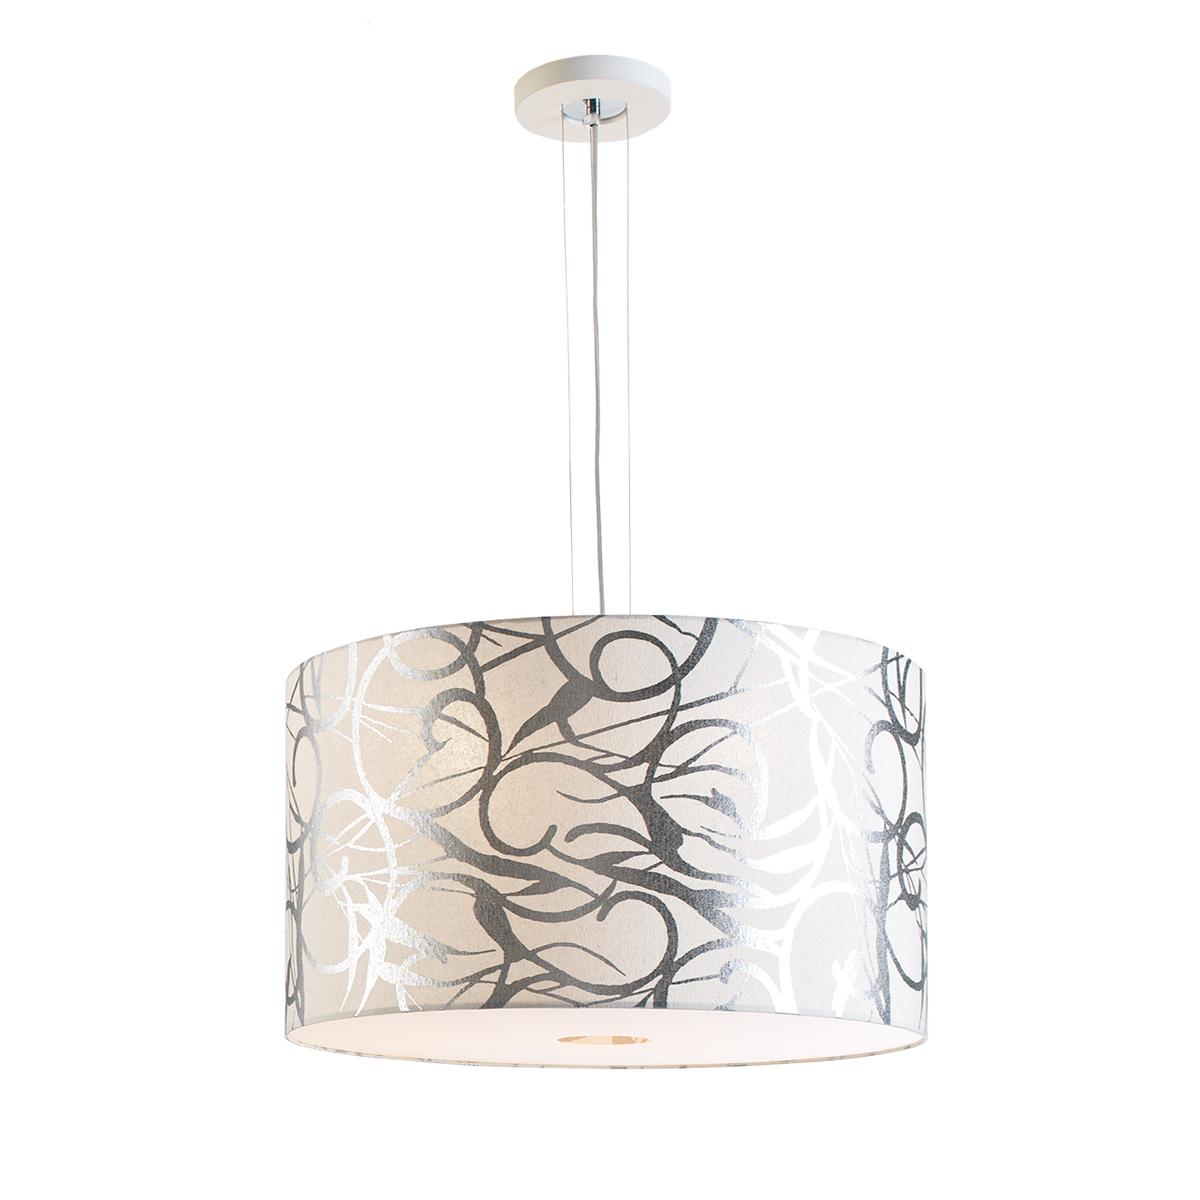 Υφασμάτινο μονόφωτο DISK II fabric pendant lamp